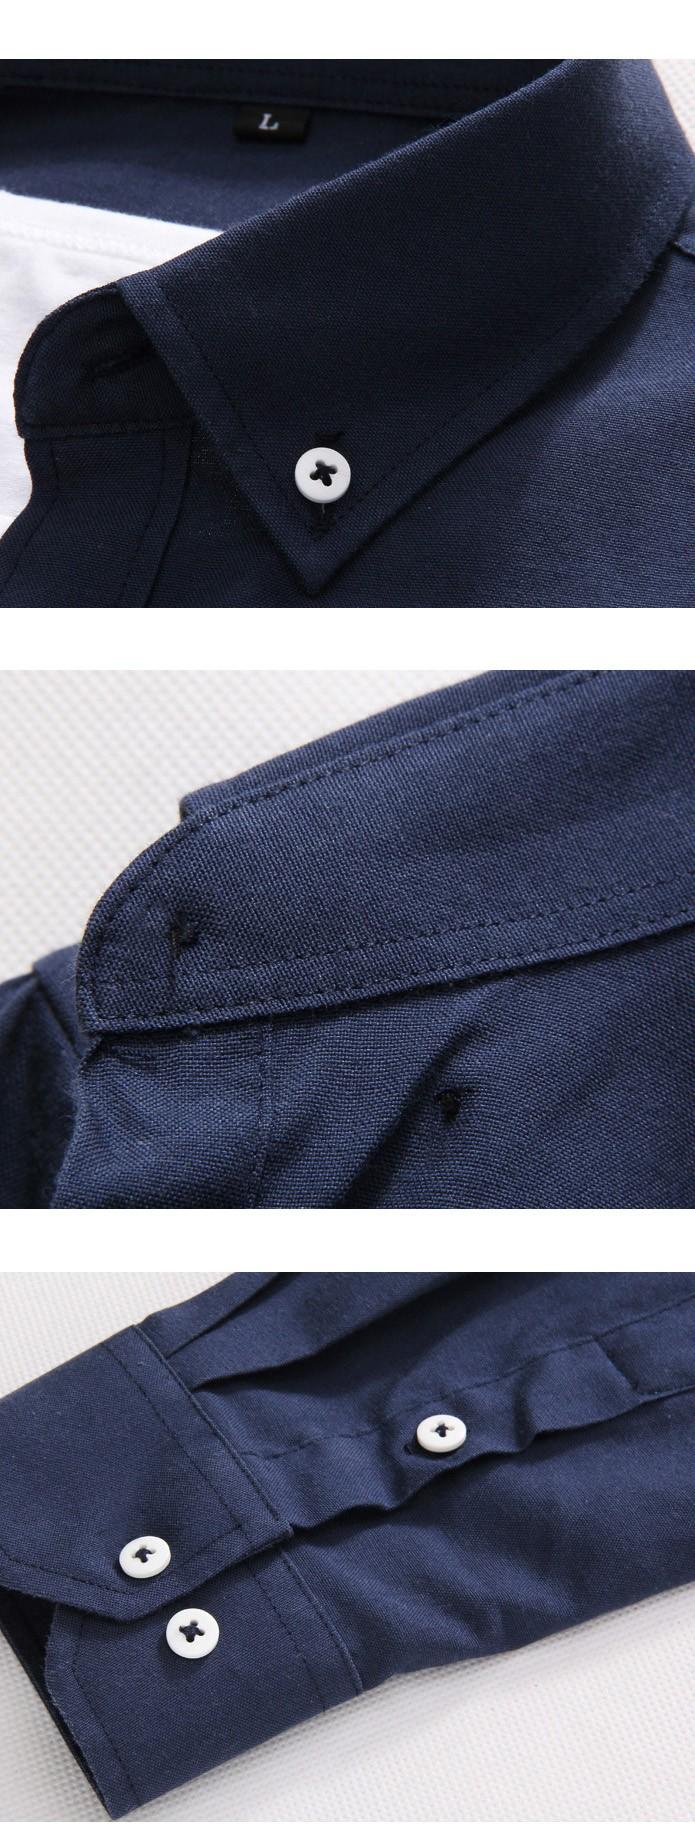 Hình ảnh chi tiết của sản phẩm.